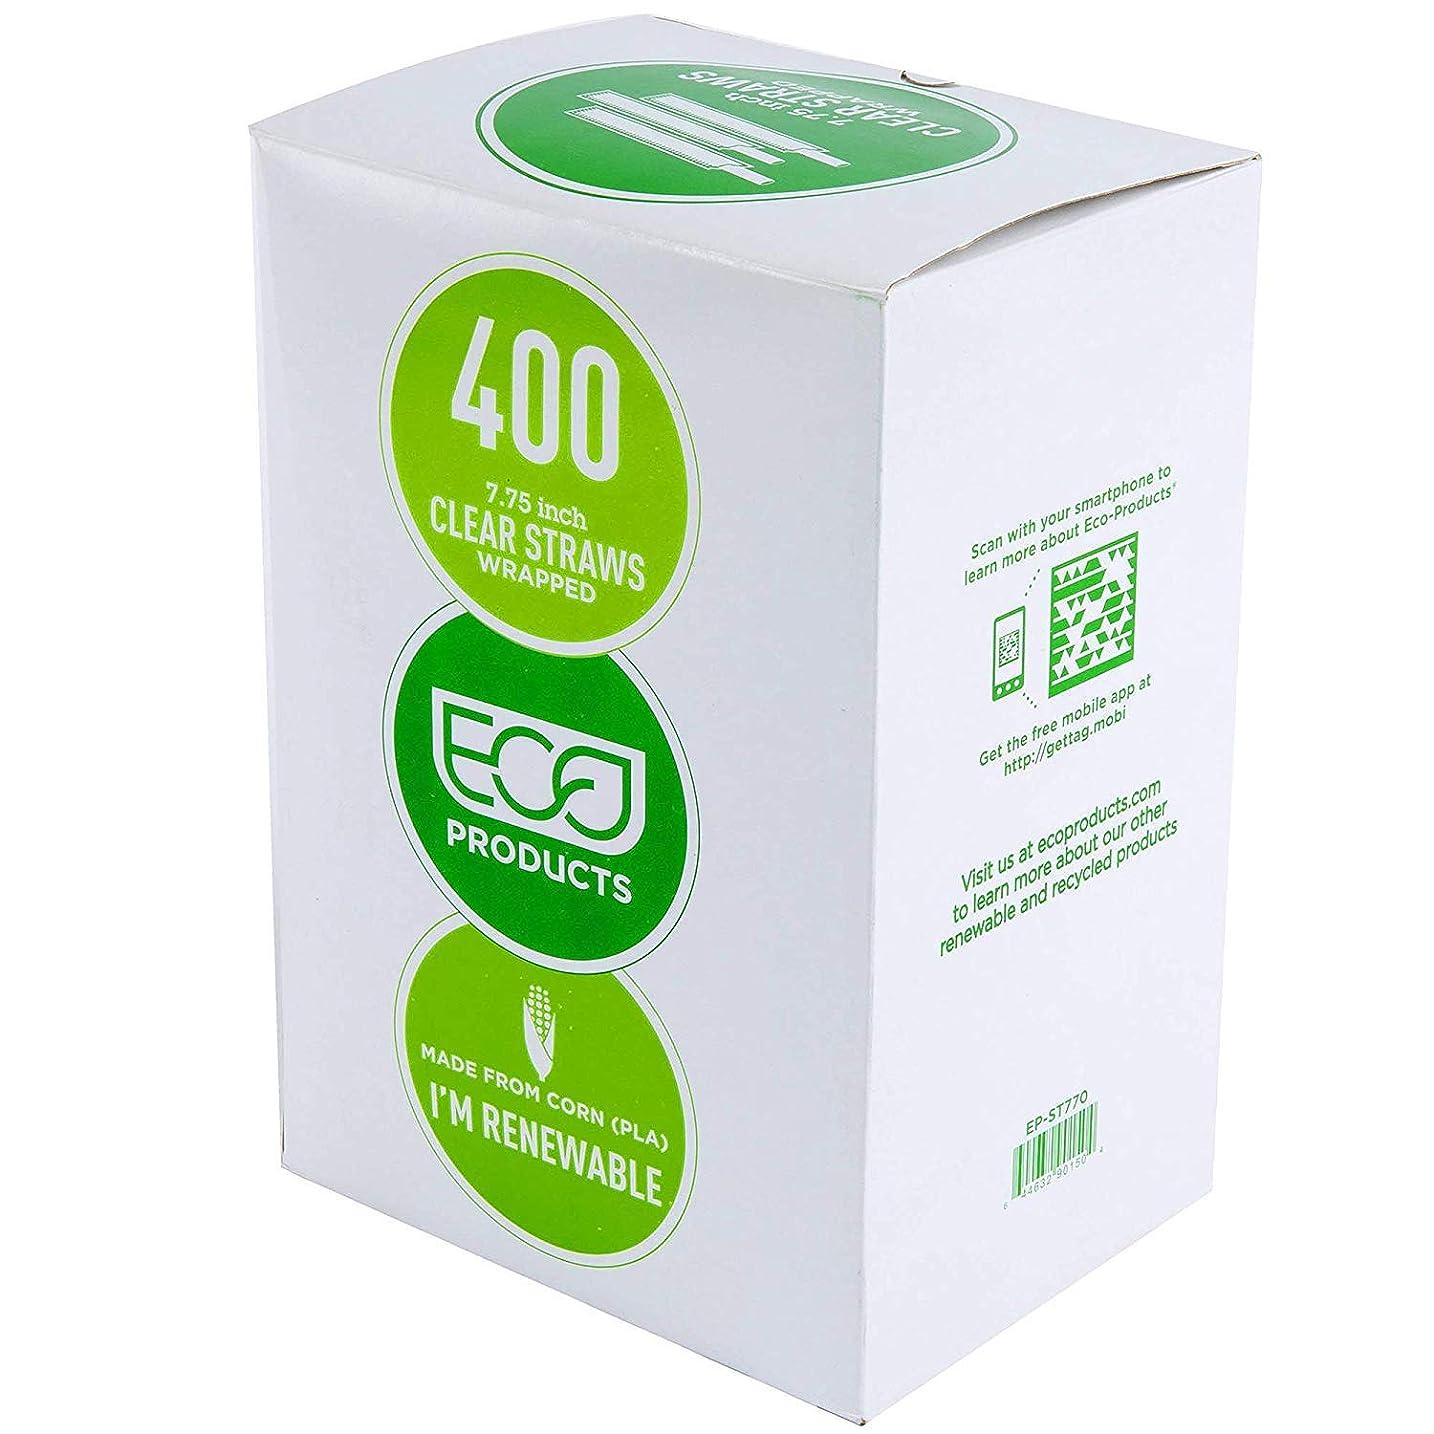 応援する痛いオーバーコート生分解性ストロークリア グリーンストリップ付き 7 3/4インチ 包装なし 400個パック 100% エコフレンドリー 使い捨て生分解性